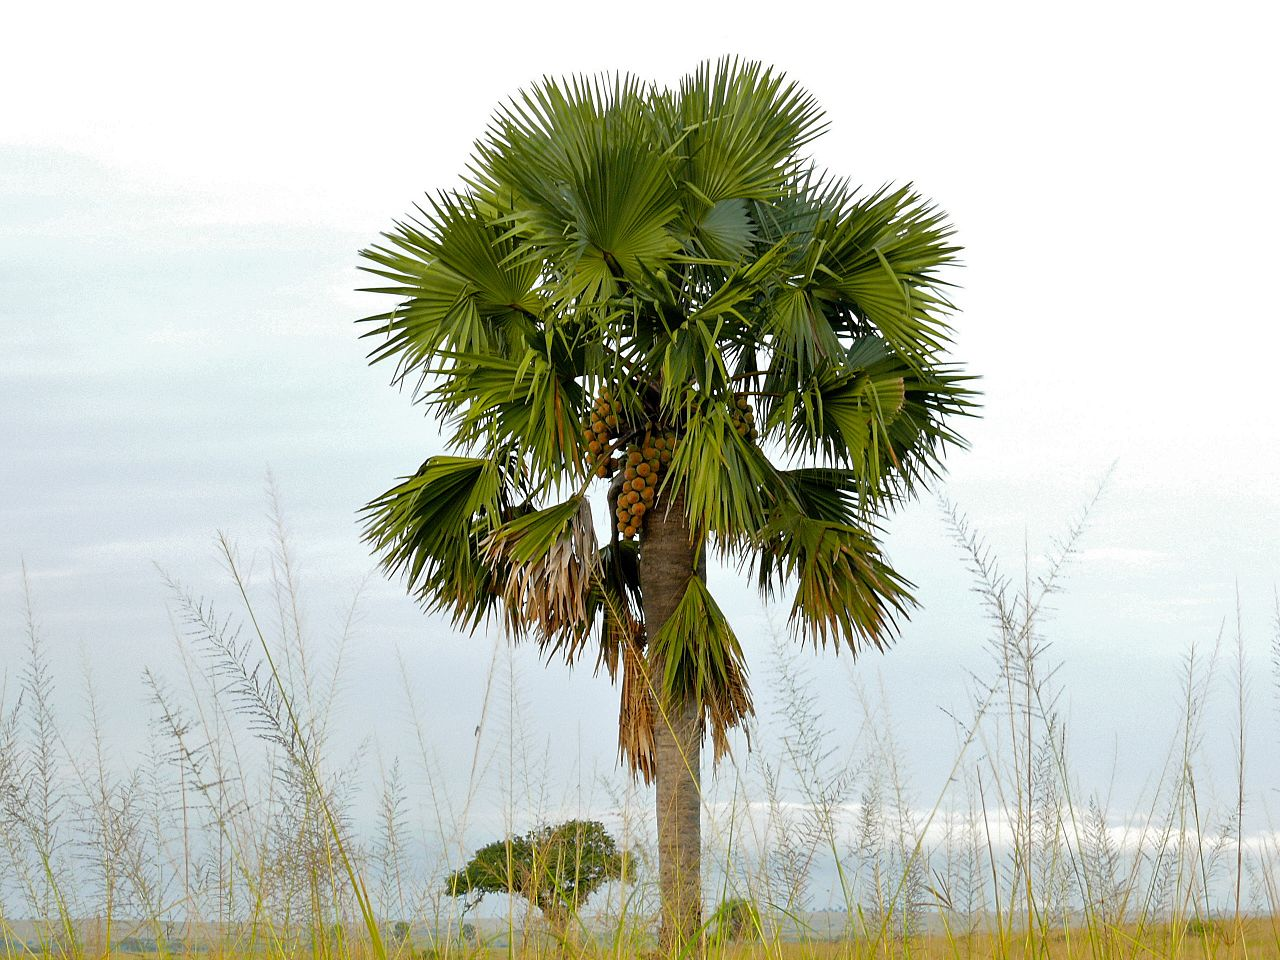 El Borassus aethiopum es una palmera gigante